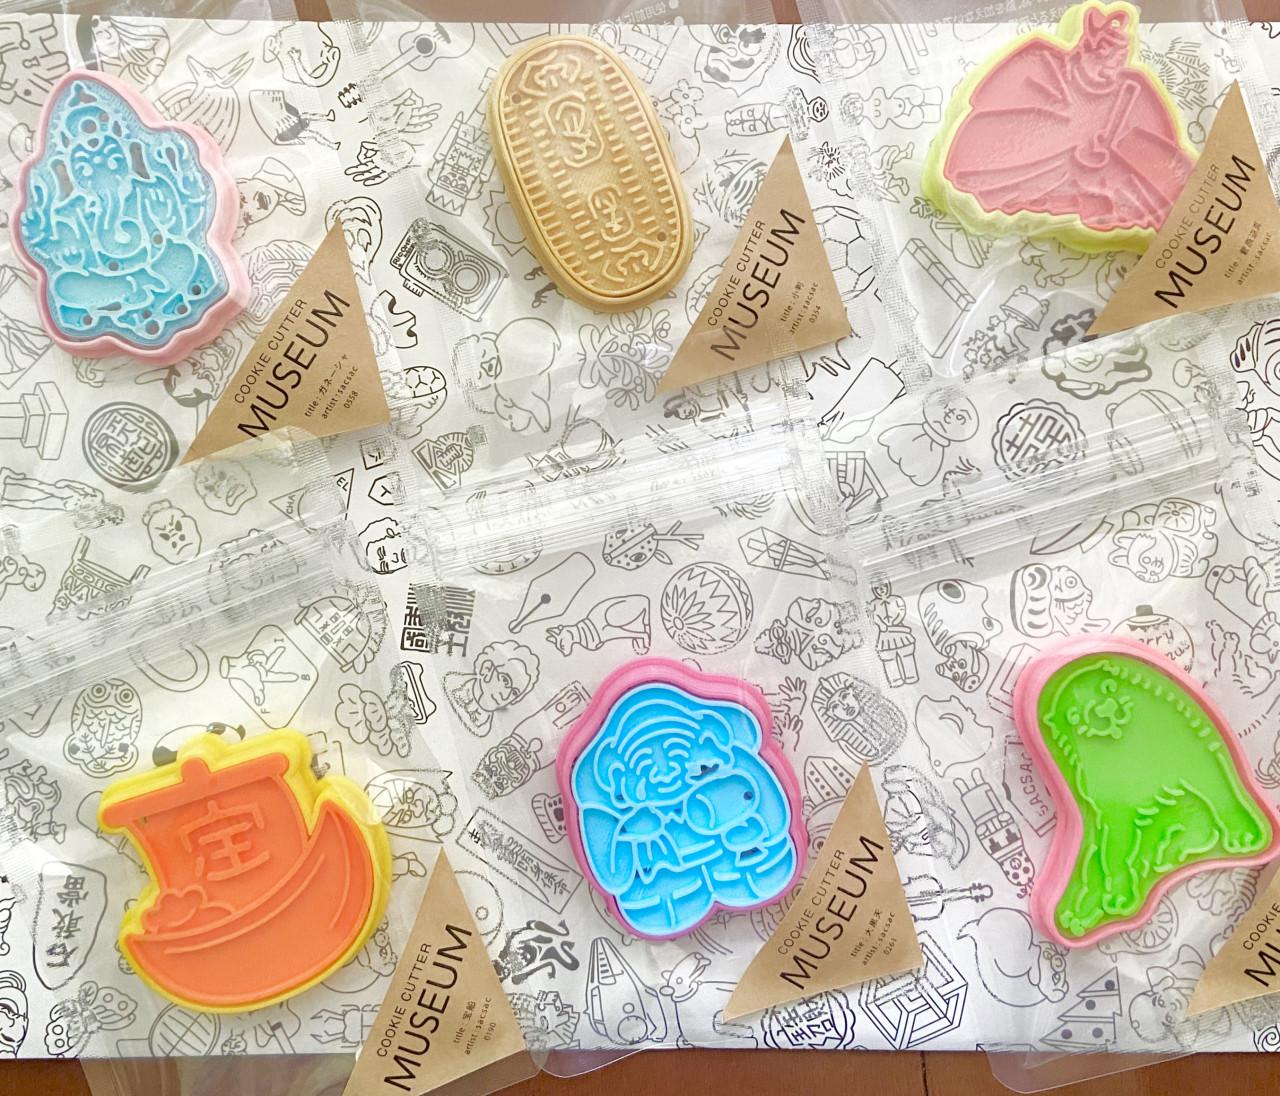 【おうち時間を楽しもう!】個性的なクッキー型でほっこりしない?食べて満足、見て満足な美味しいお菓子をどうぞ!